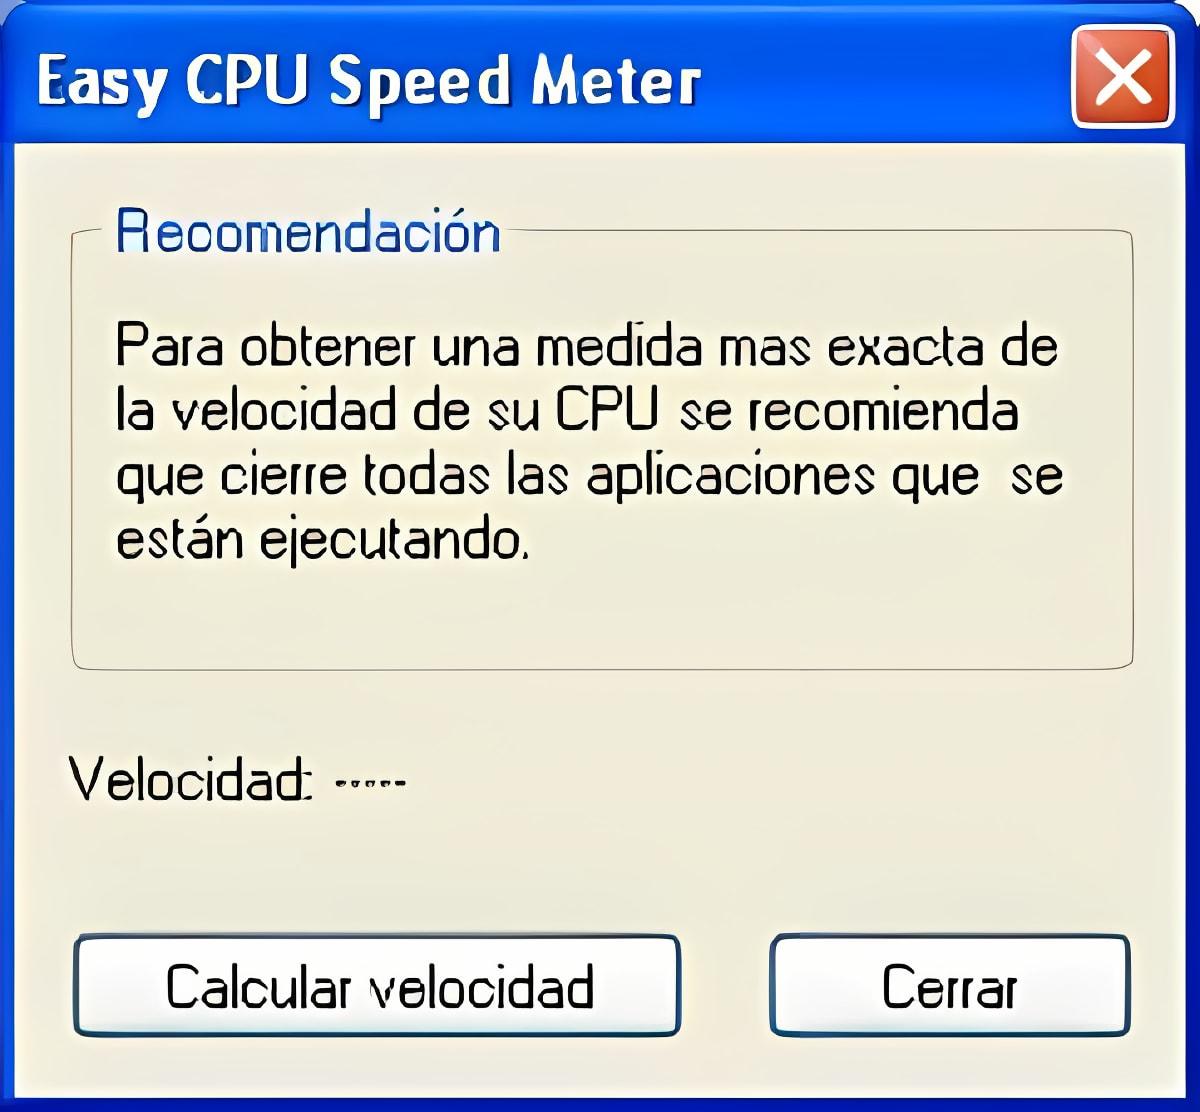 Easy CPU Speed Meter